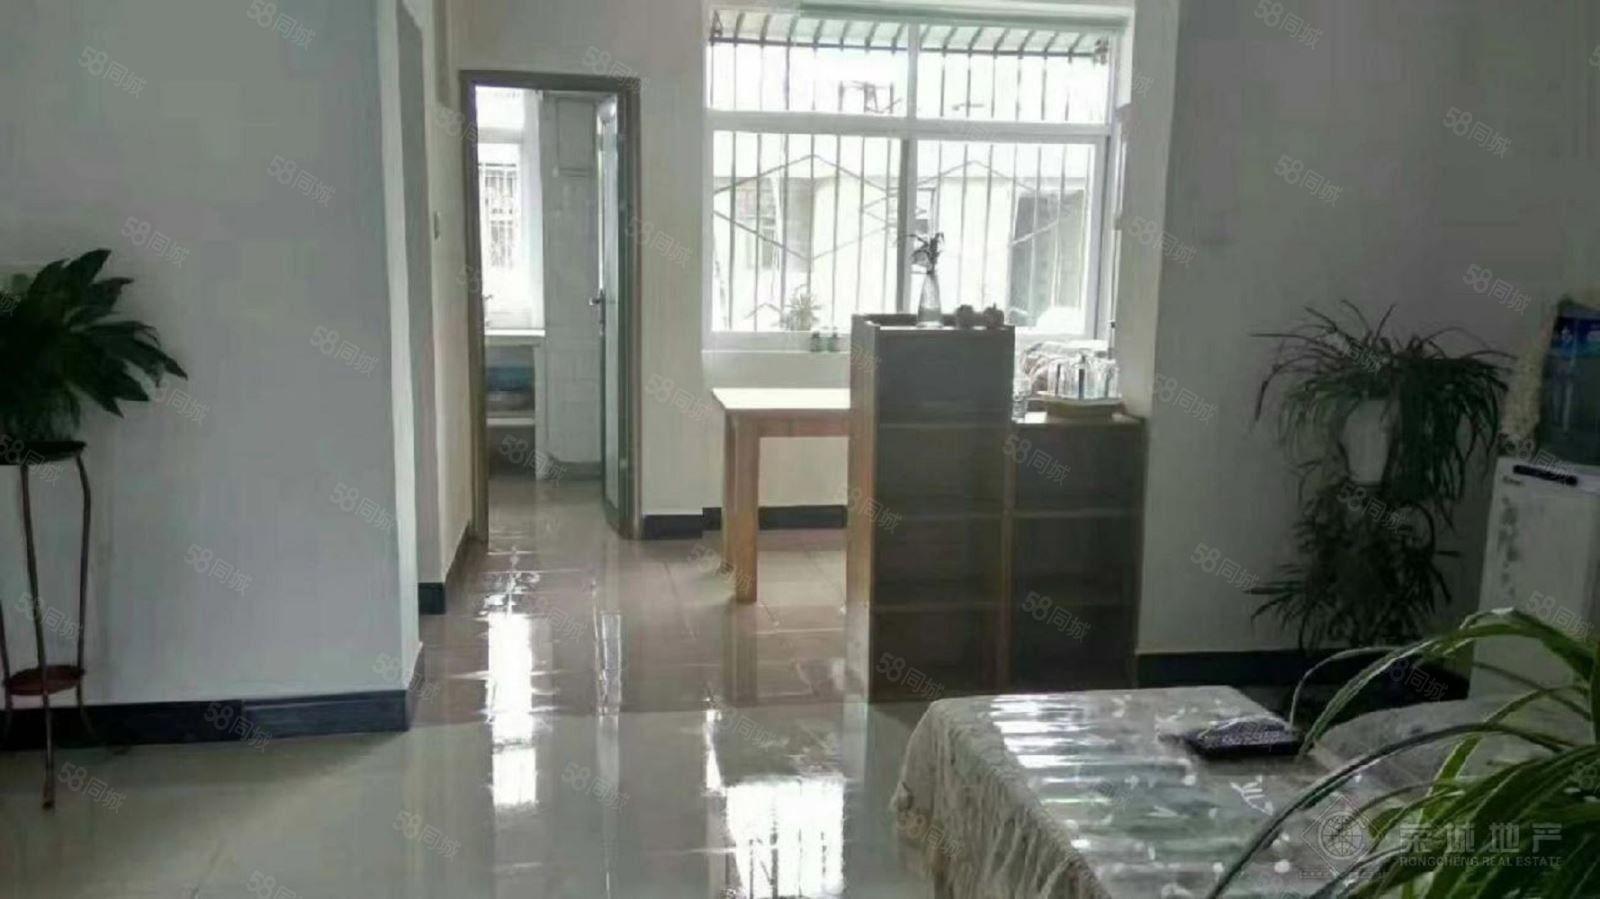 诸葛小区三组团1000元2室2厅1卫普通装修,家电家具